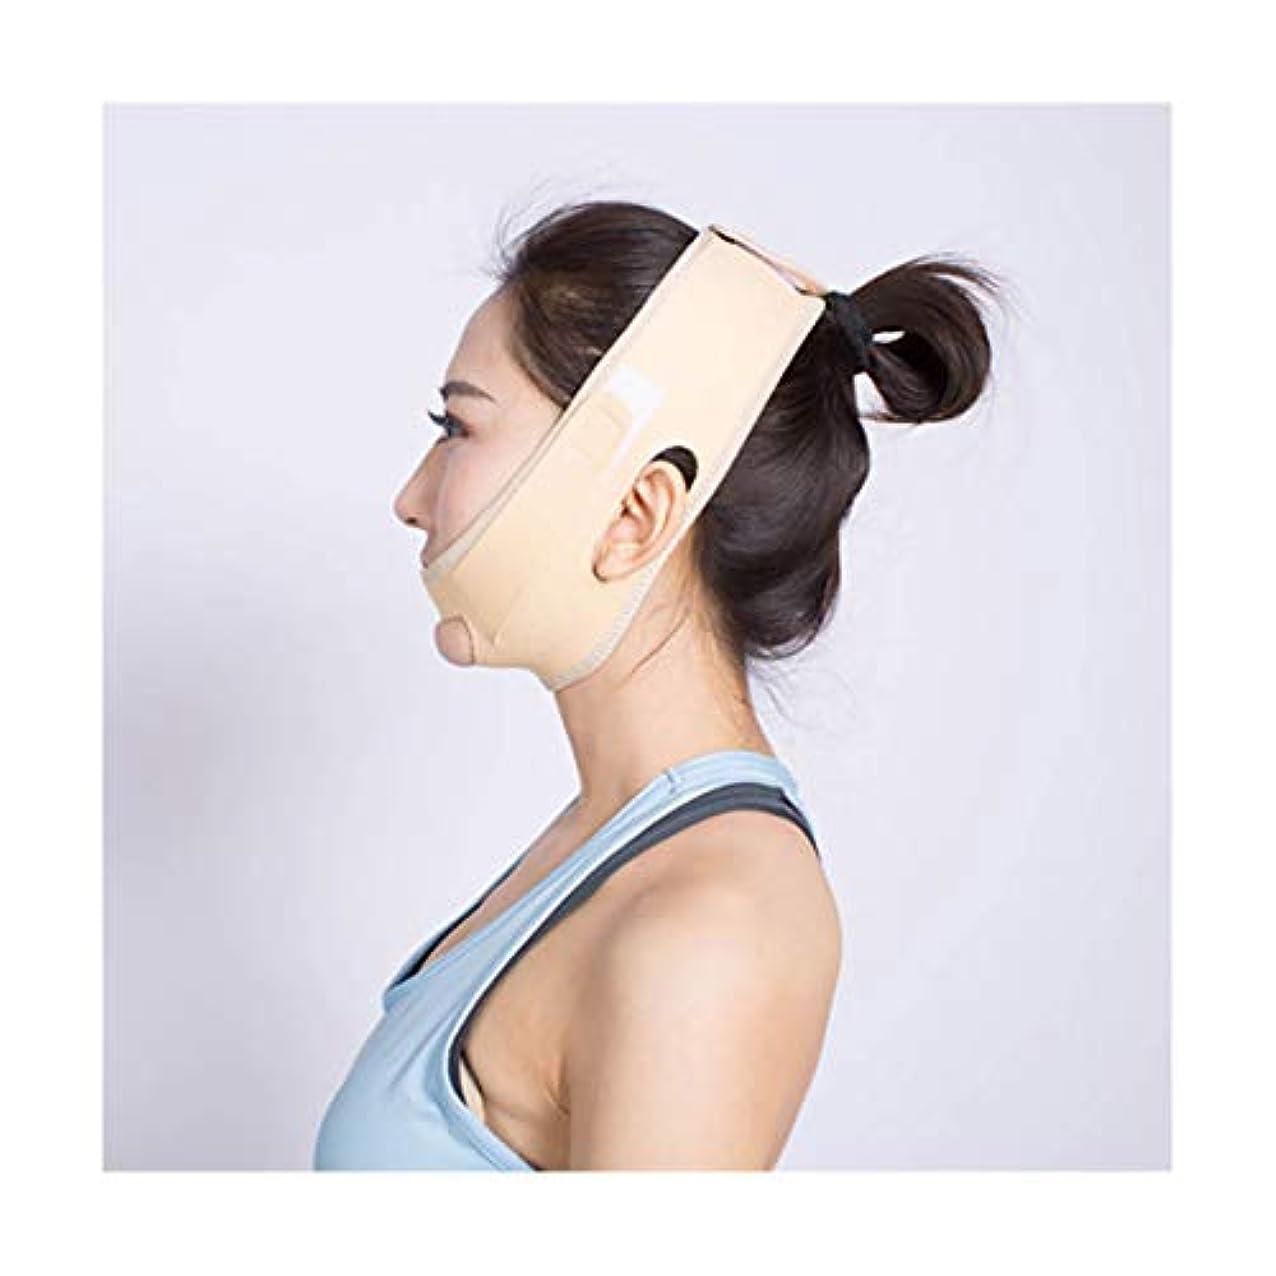 認識参加する窒息させるGLJJQMY 薄い顔包帯アーティファクト薄い顔薄い顔薄い顔の美しさの楽器V顔薄い顔の顔のマッサージ 顔用整形マスク (Color : B)